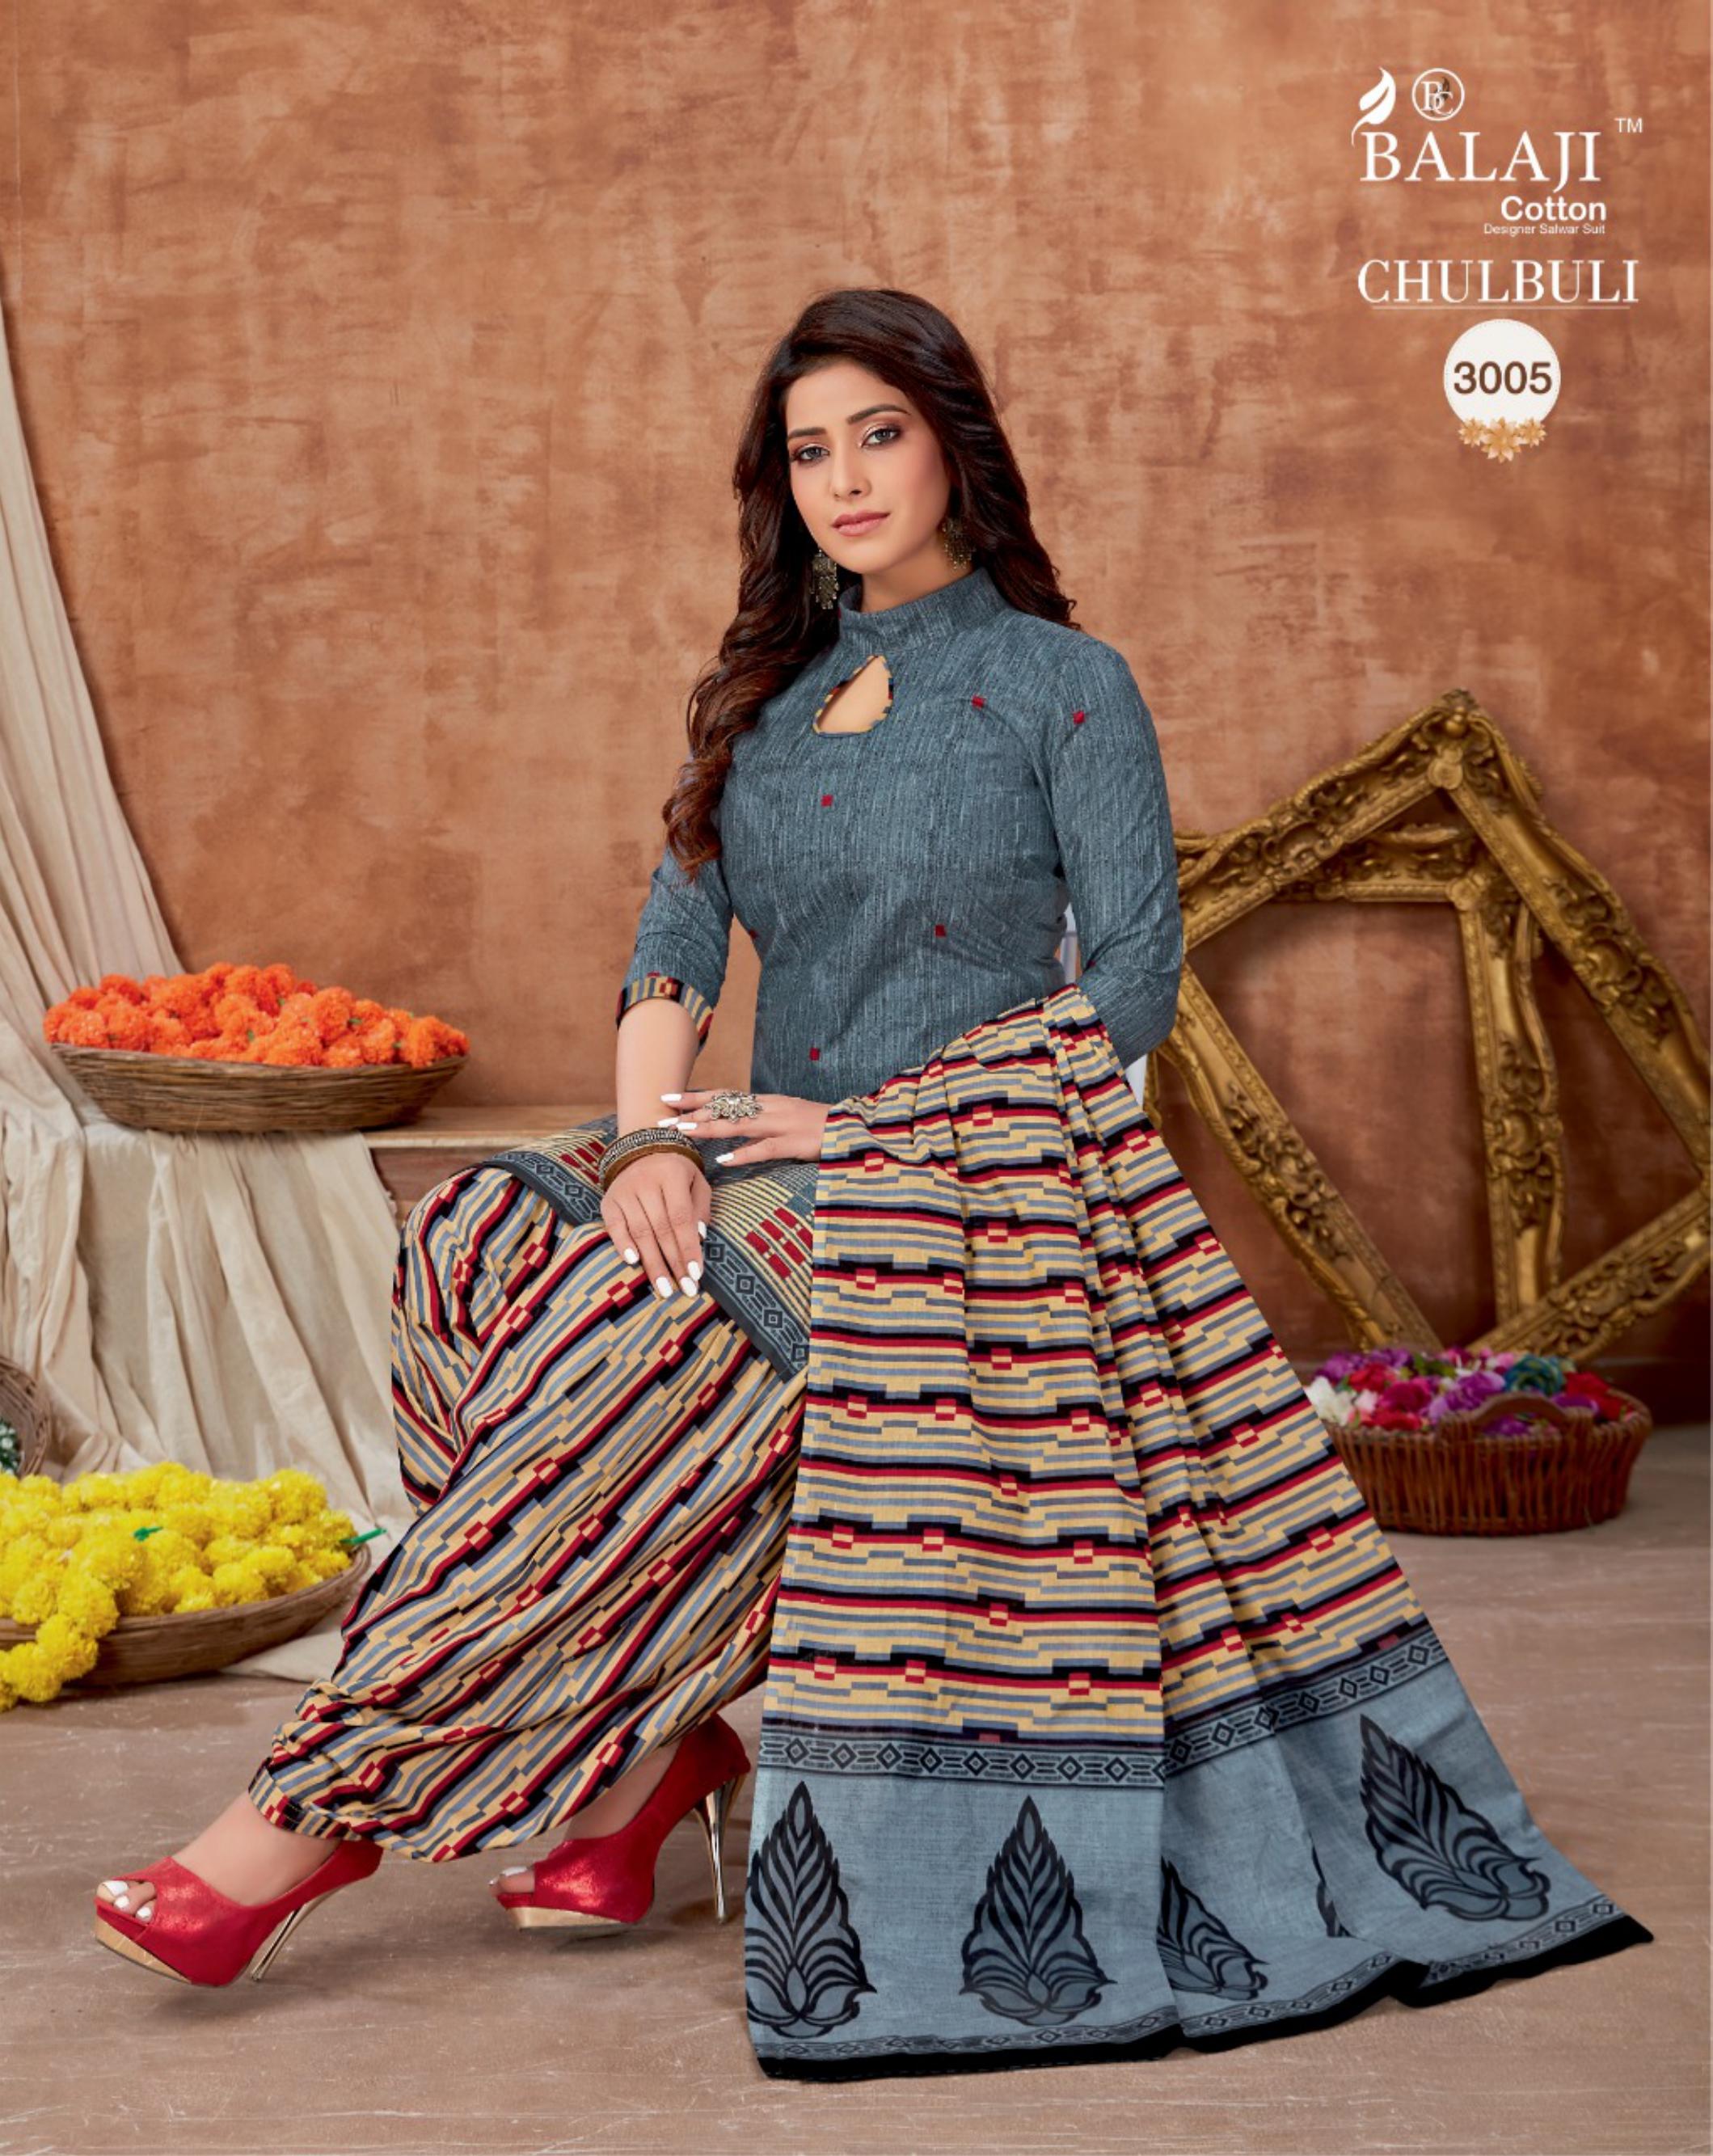 Balaji-Chulbuli-Vol-3-9